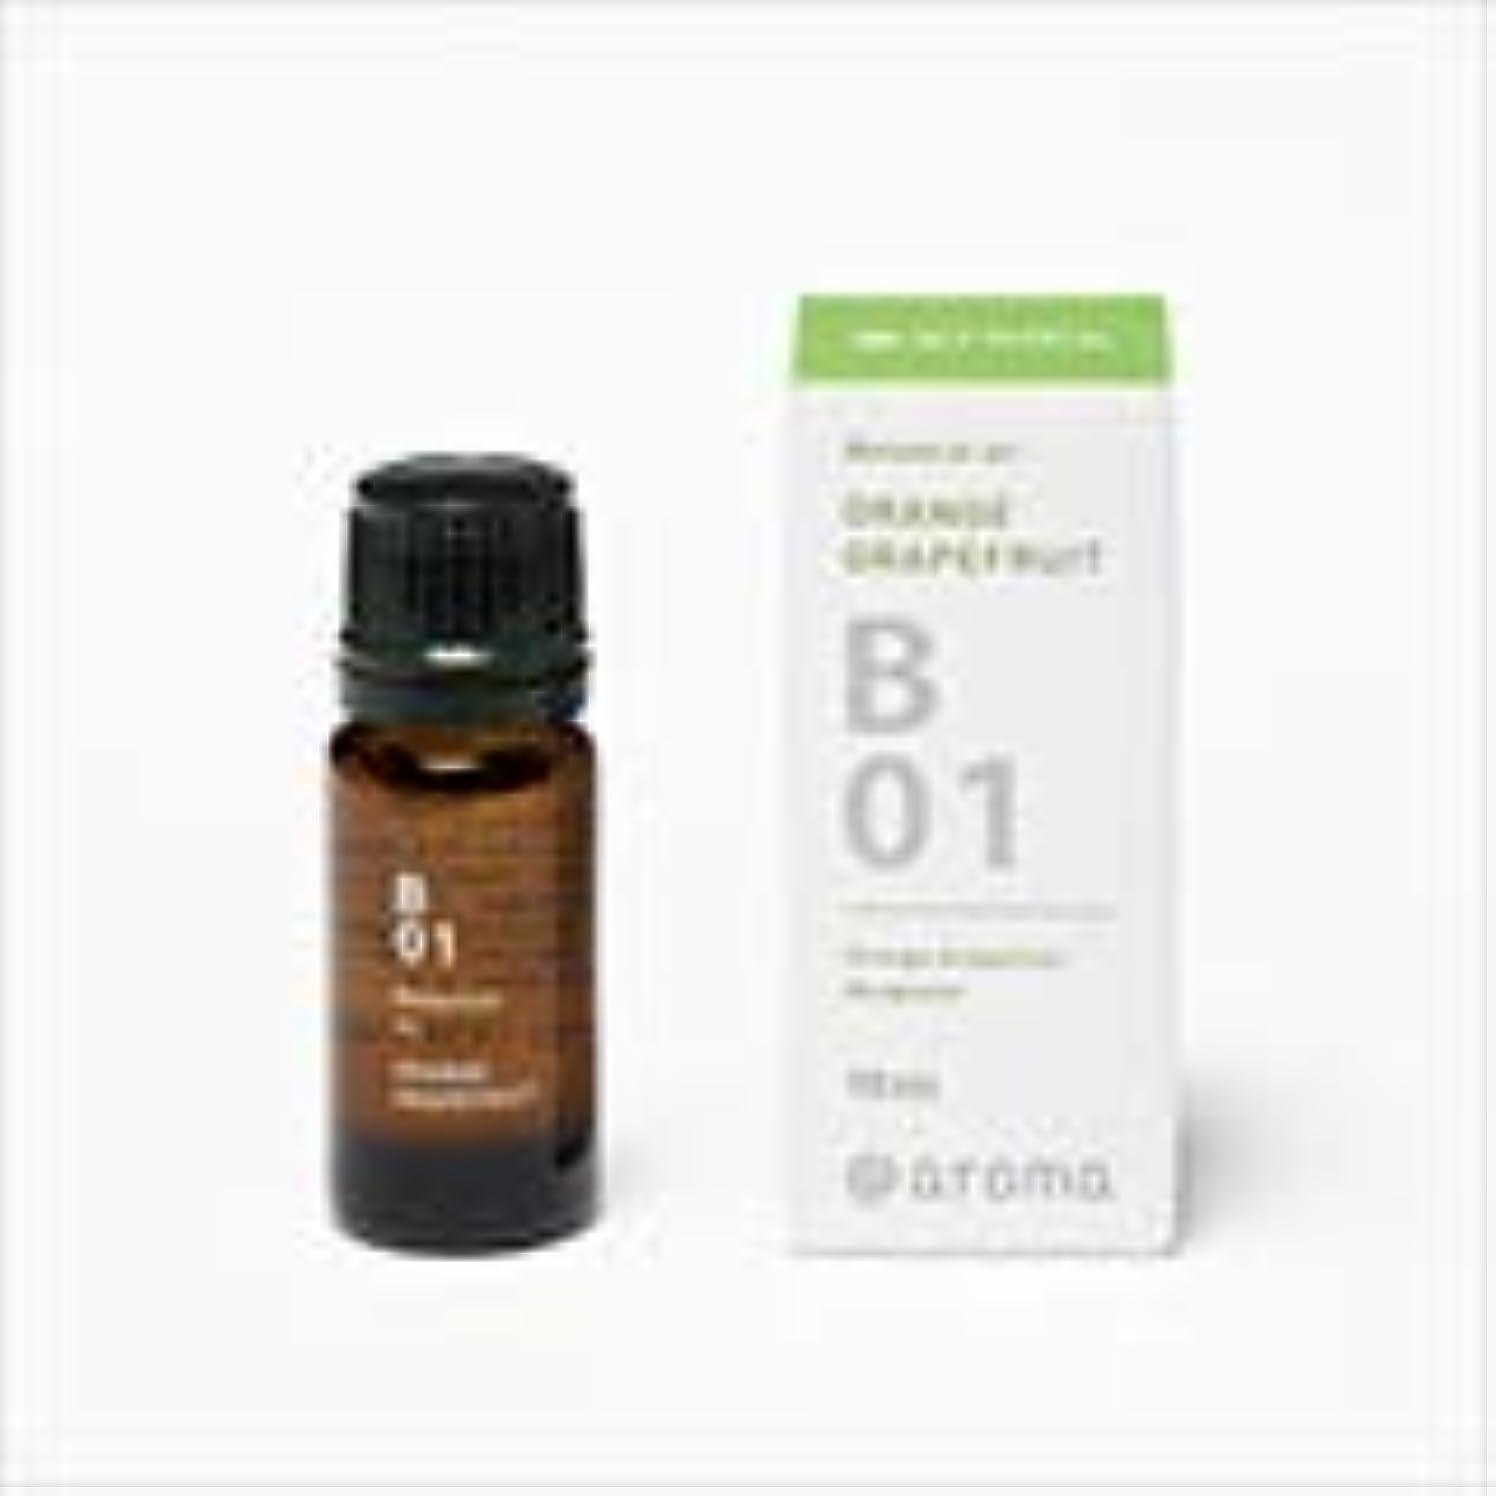 ほのか粘性の送信するアットアロマ 100%pure essential oil <Botanical air ジュニパーシダー>